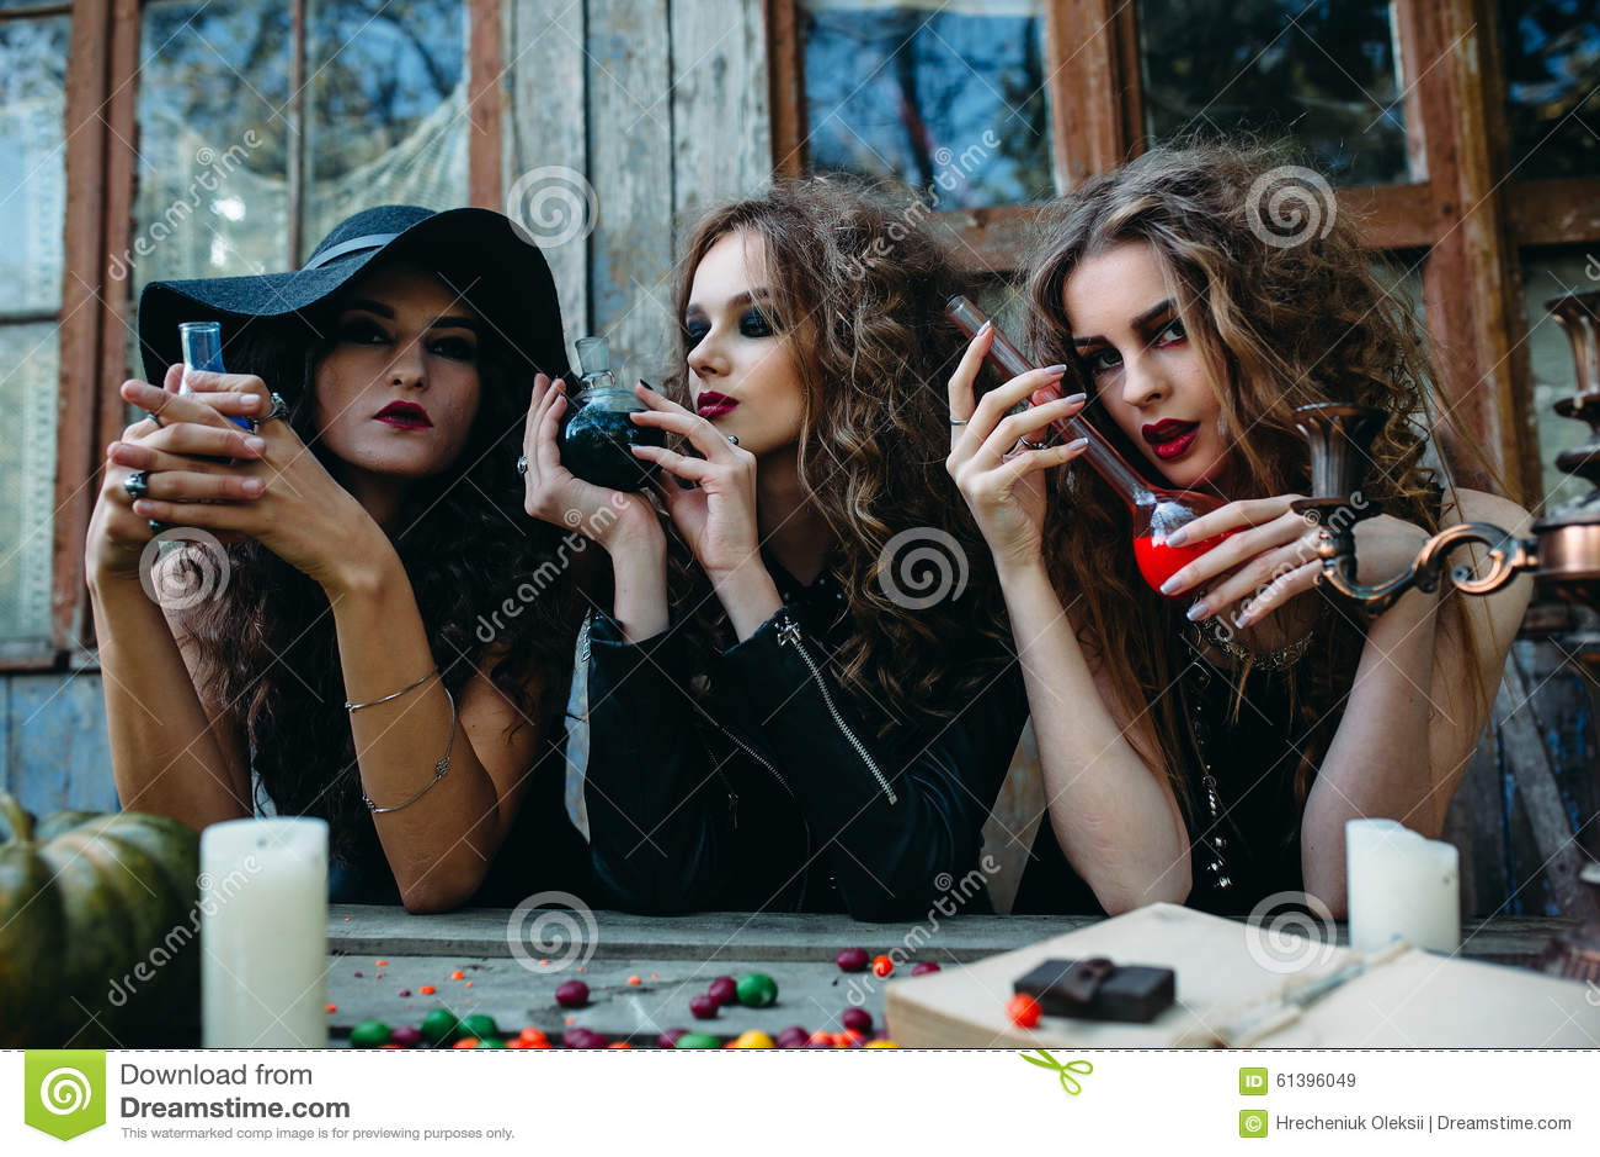 фото три ведьмы